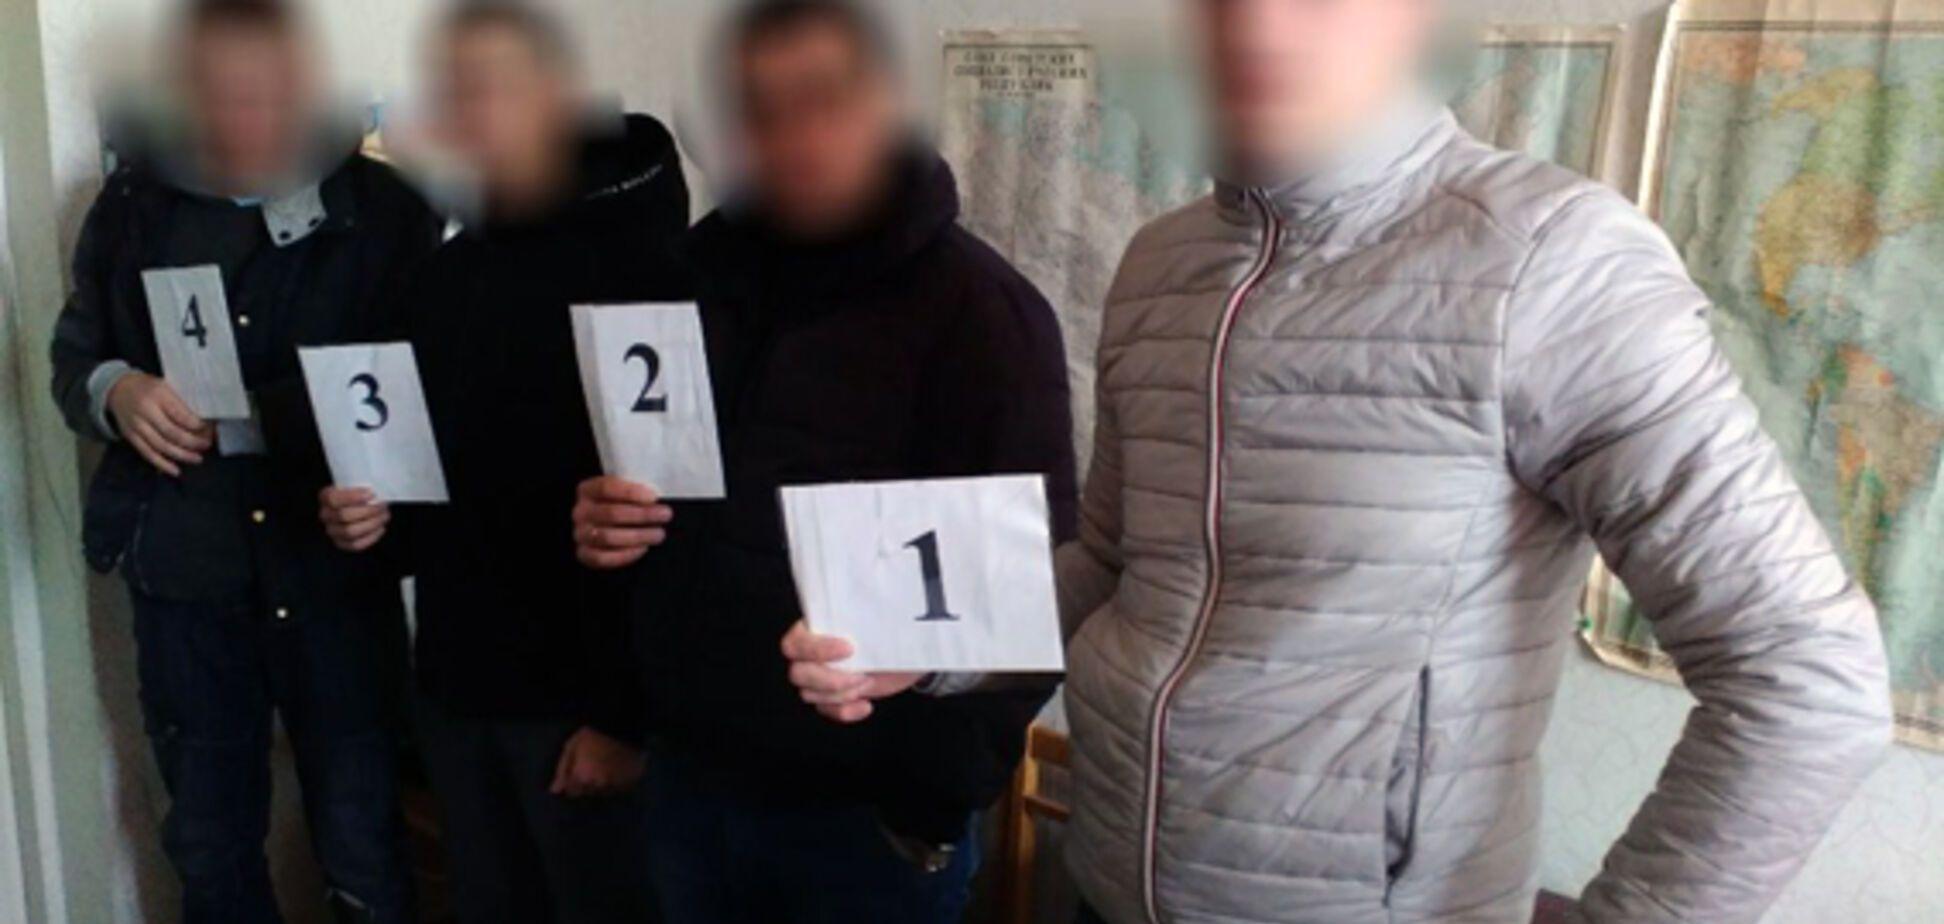 На Харьковщине задержали мужчину, который стрелял в людей возле киосков